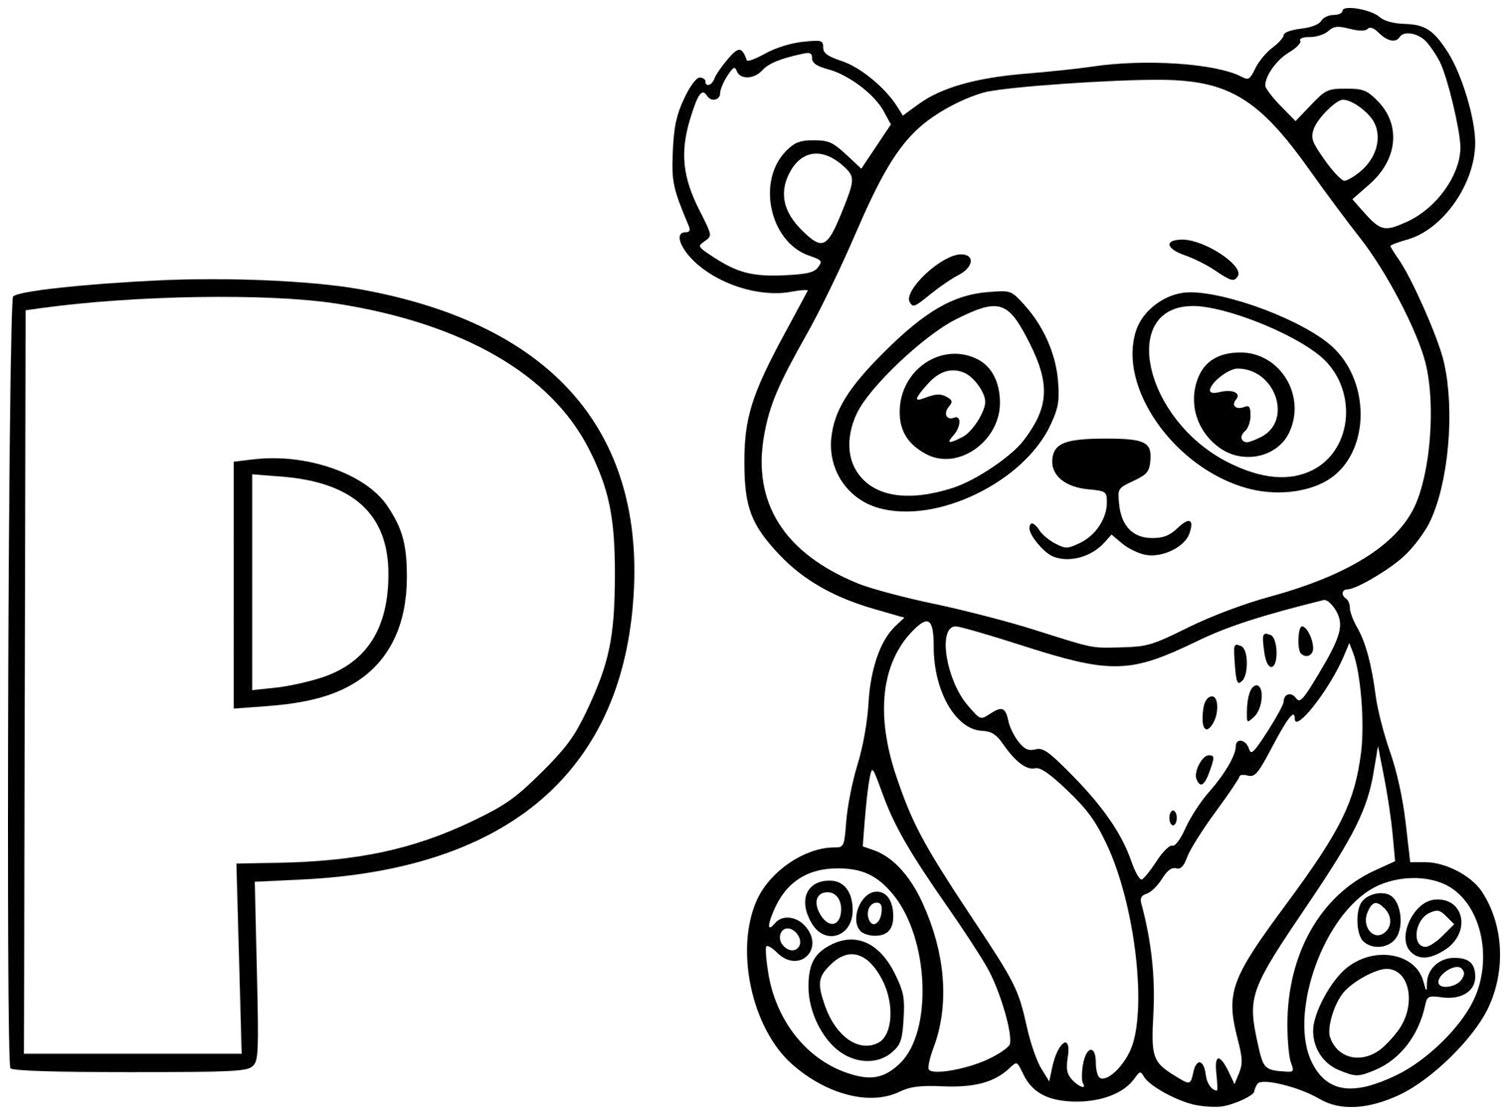 Coloriage de panda pour enfants - Coloriage de Pandas ...